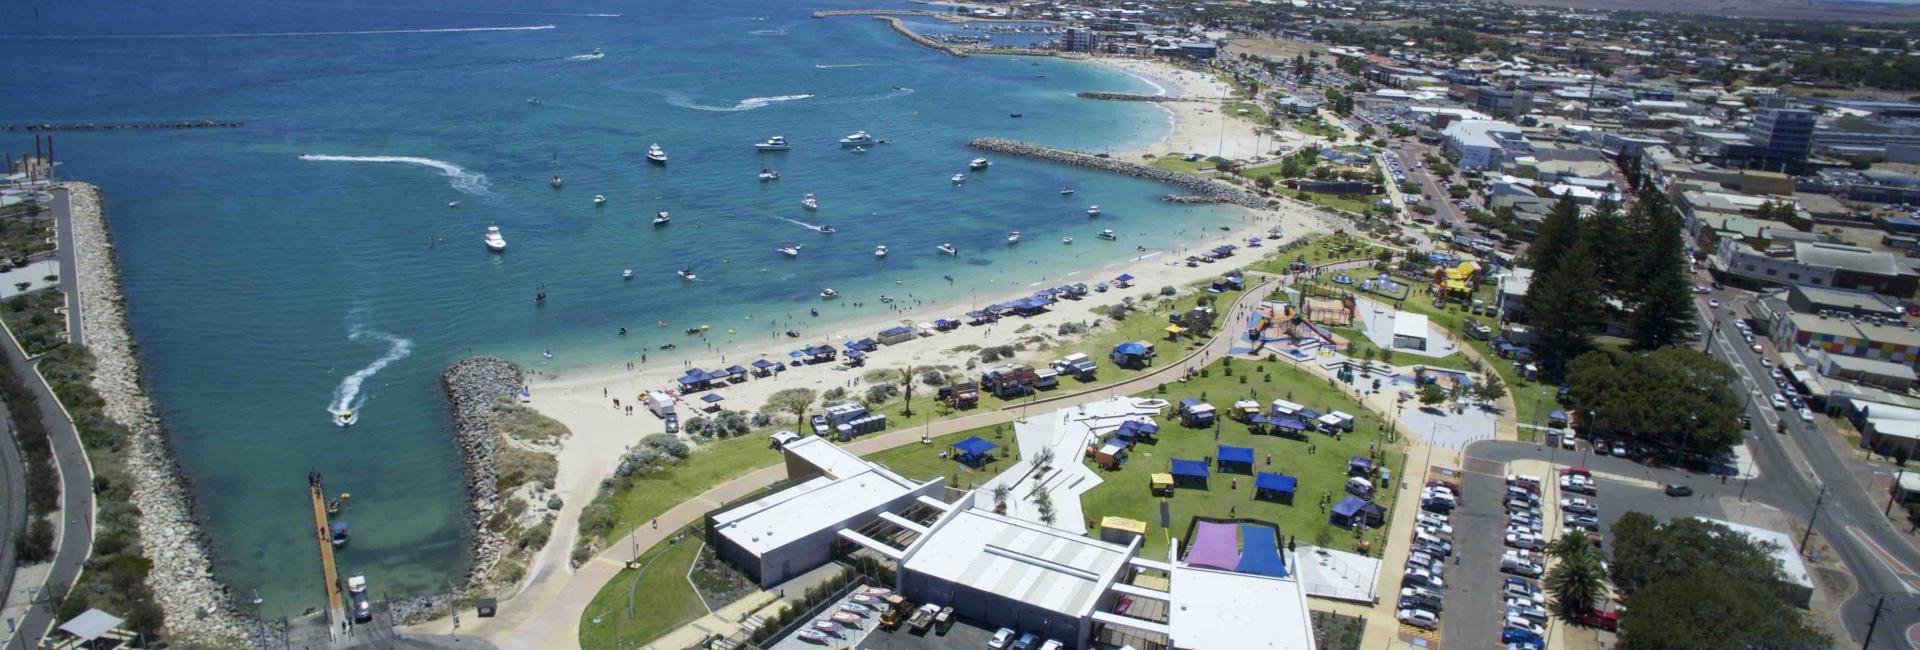 4 Day Australia Day in Geraldton